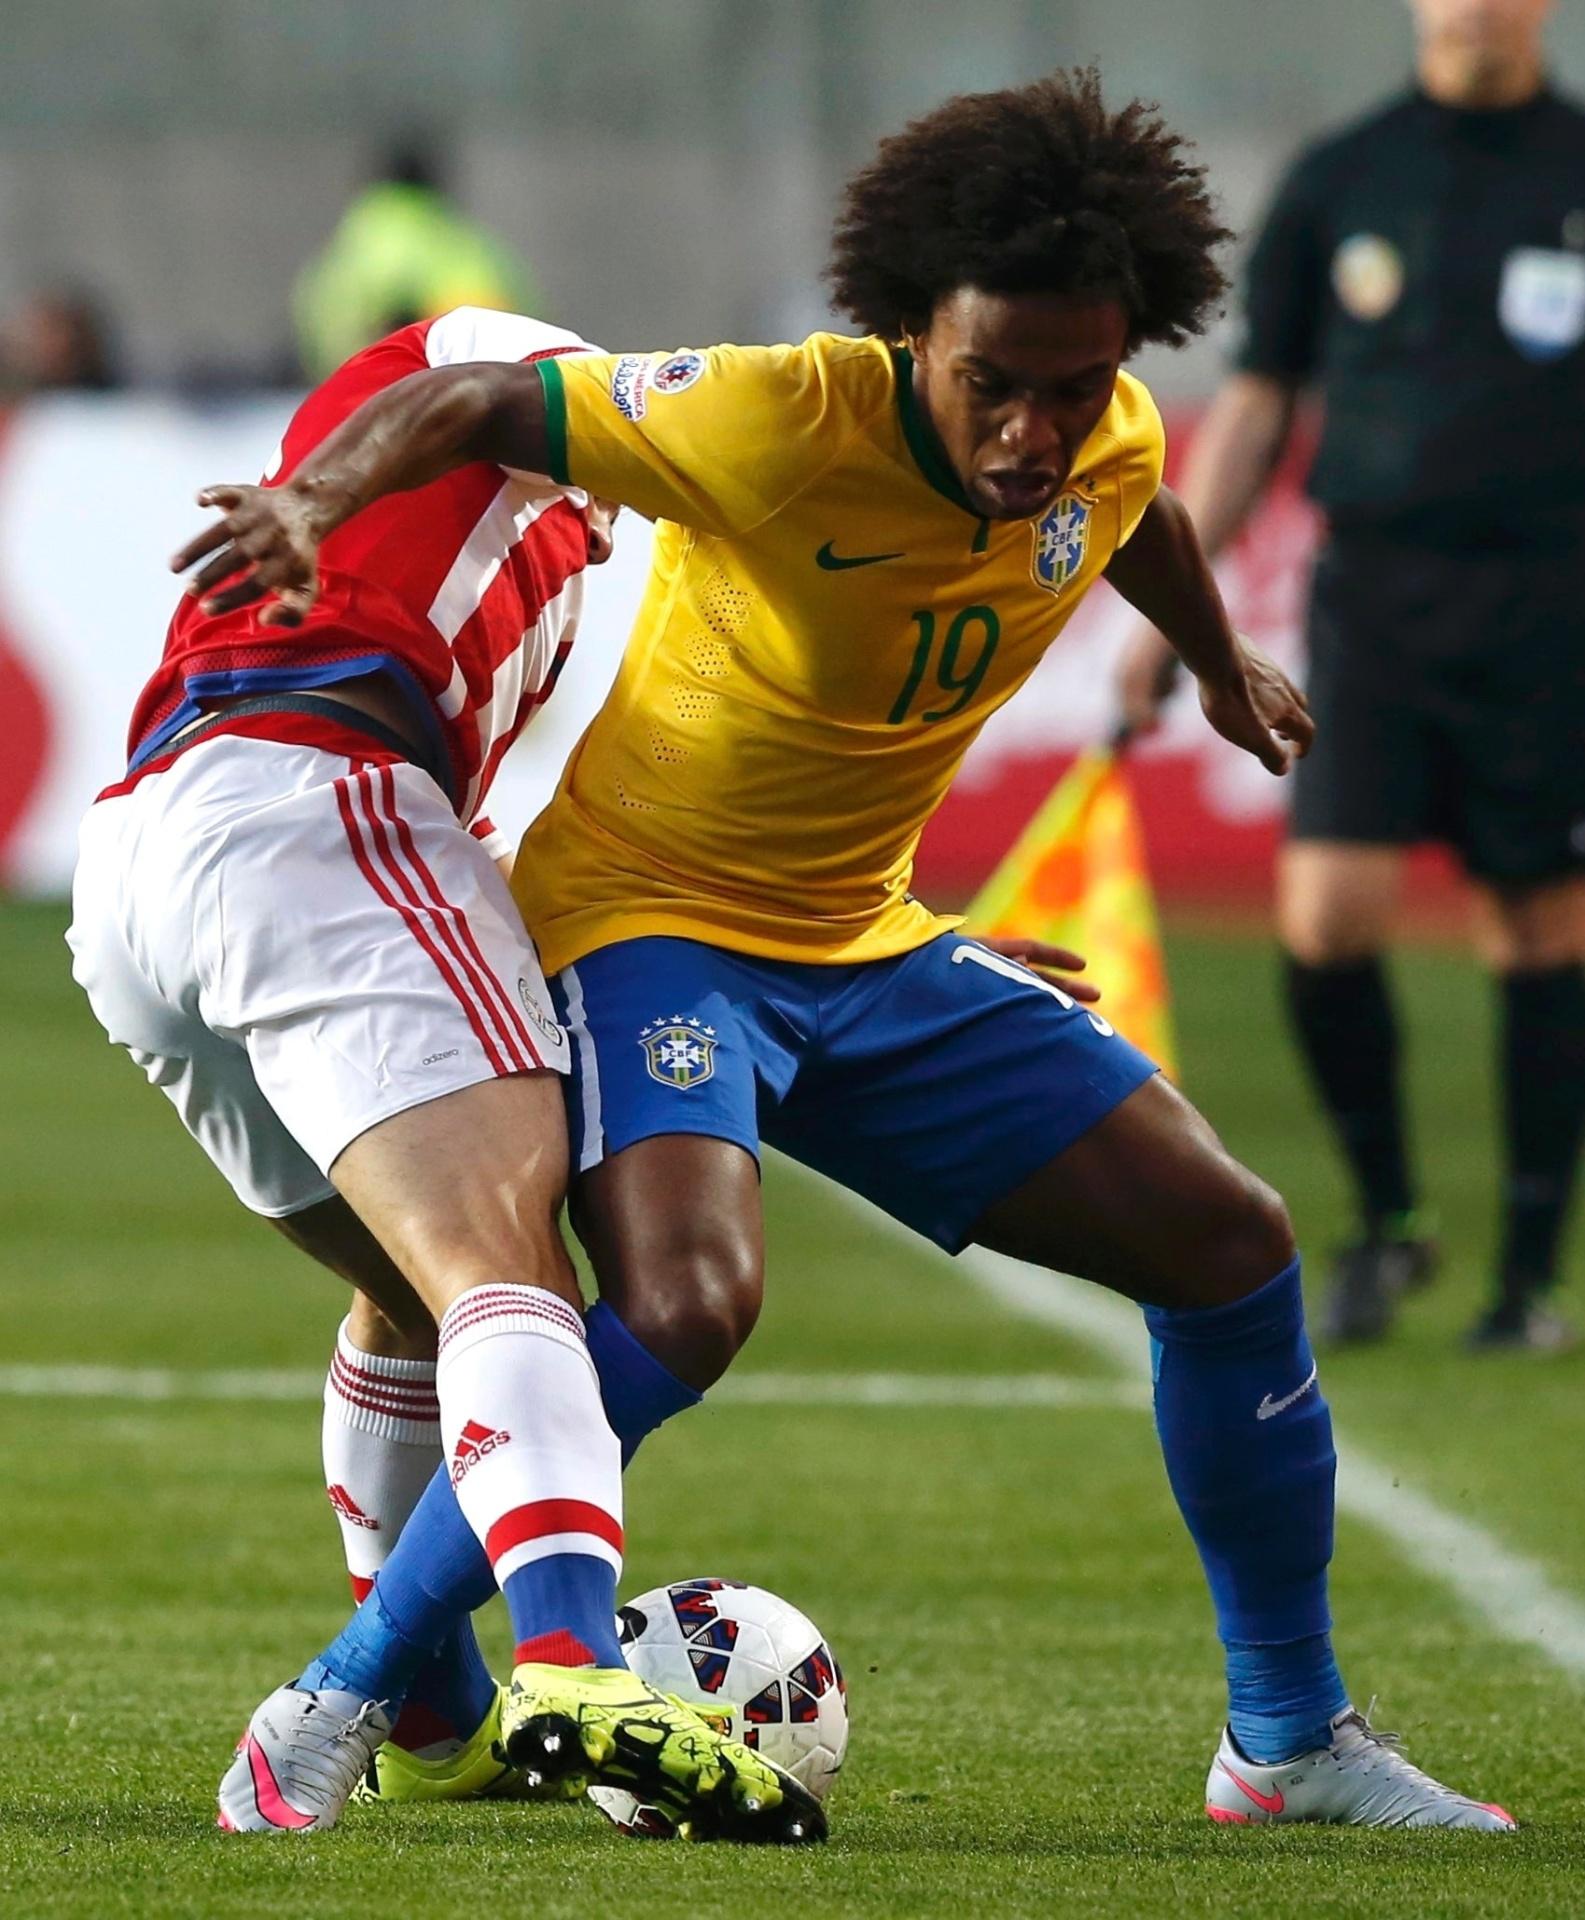 Willian tenta escapar da marcação do jogador do Paraguai em jogo do Brasil nas quartas de final da Copa América